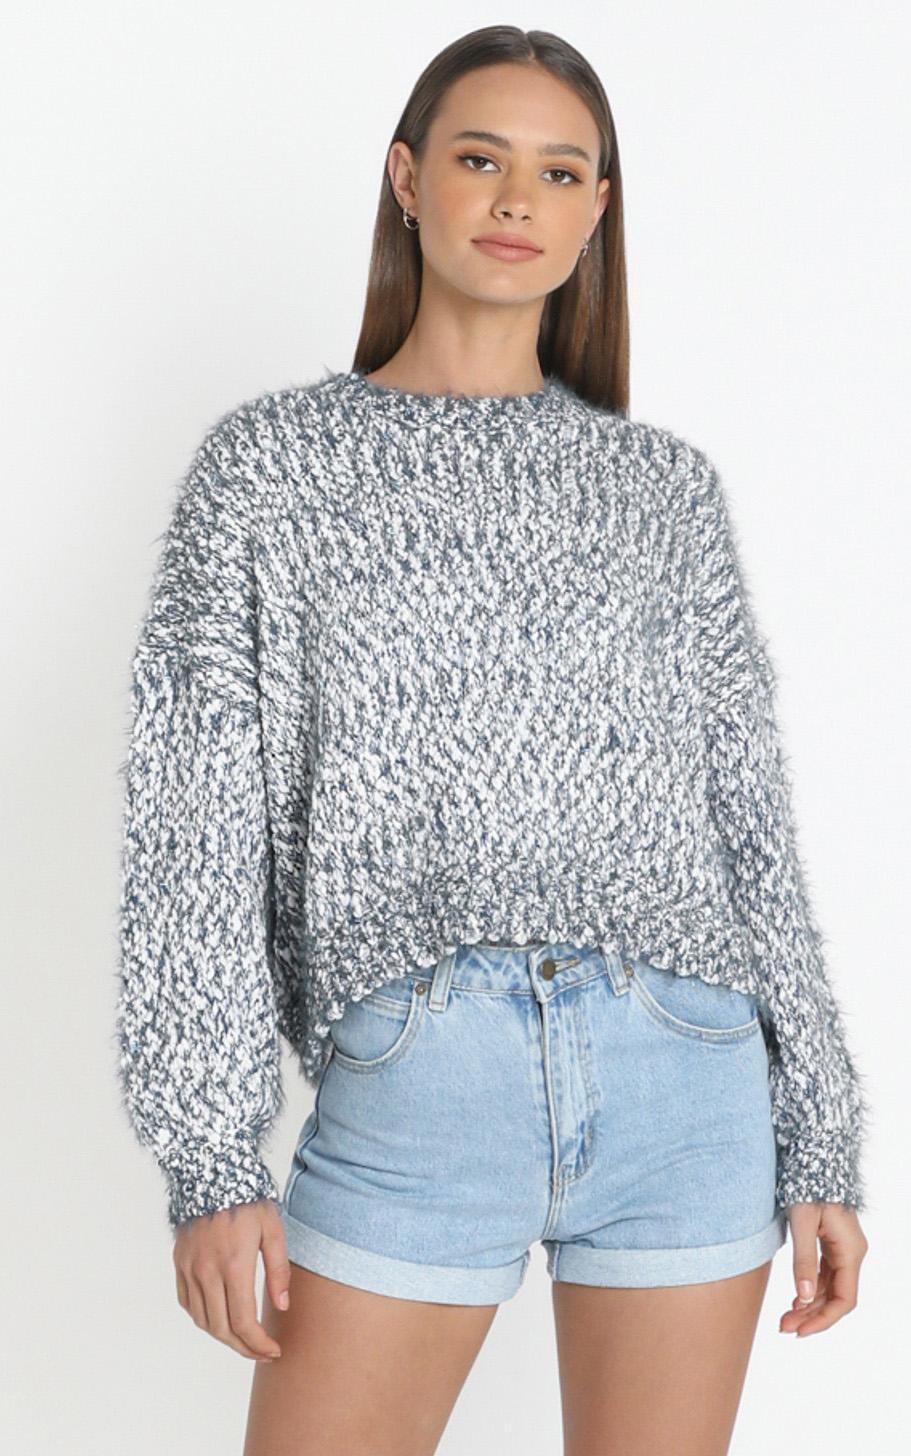 Gwyneth Jumper in Grey Marle  - M/L, Grey, hi-res image number null